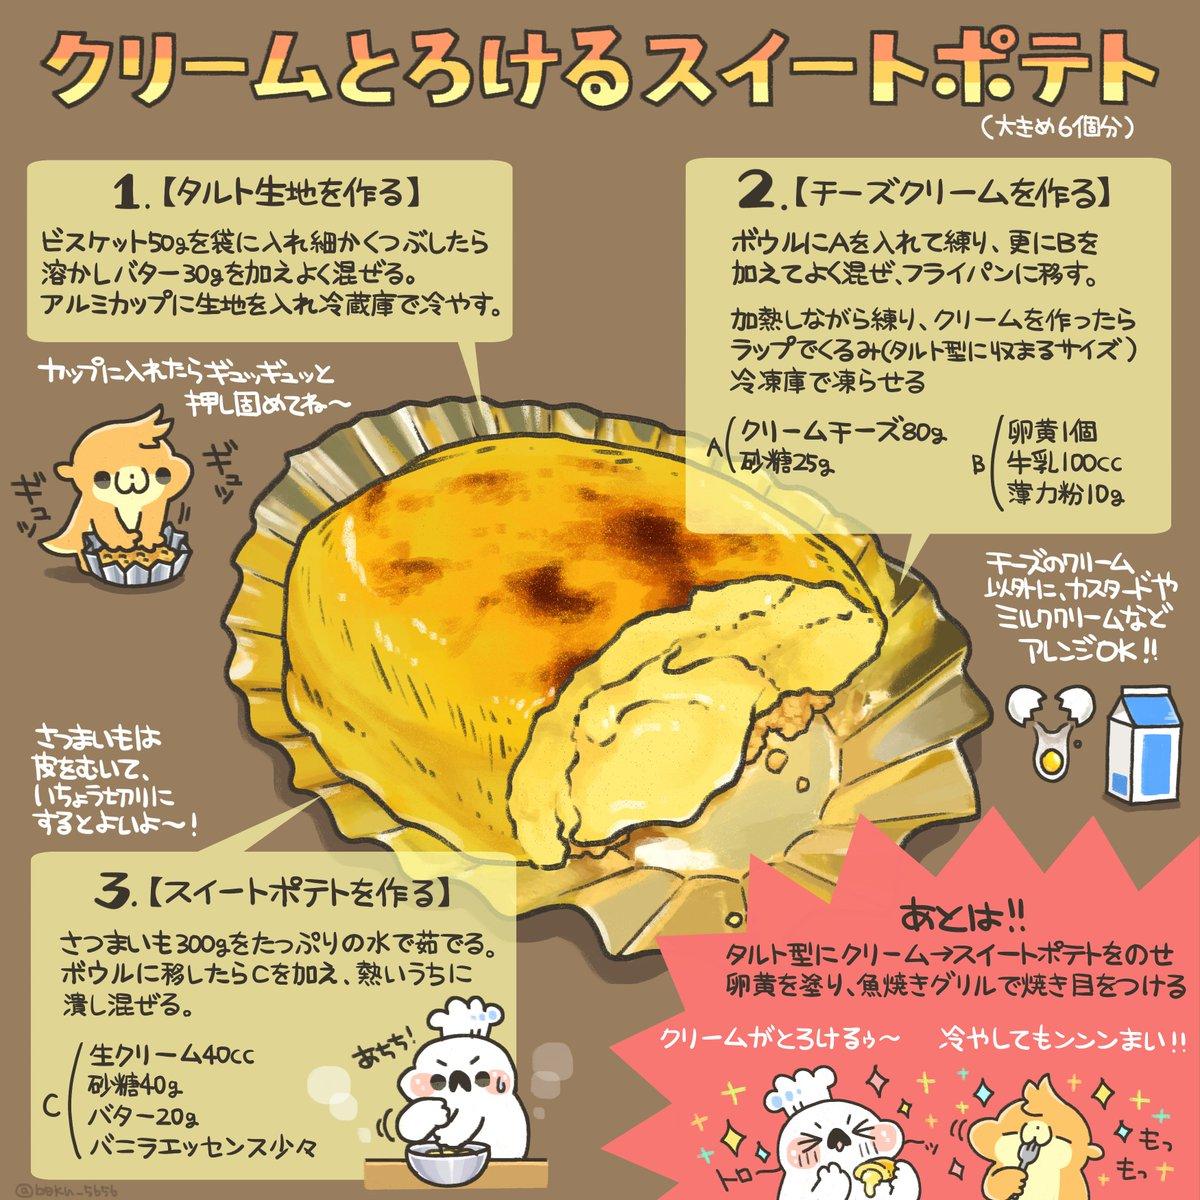 オーブン不要!クリームとろけるスイートポテトタルトのレシピをまとめました!  アルミカップは厚手のものを使ってください!あつあつでもンンンまい~!冷やしてもンンンまい~!